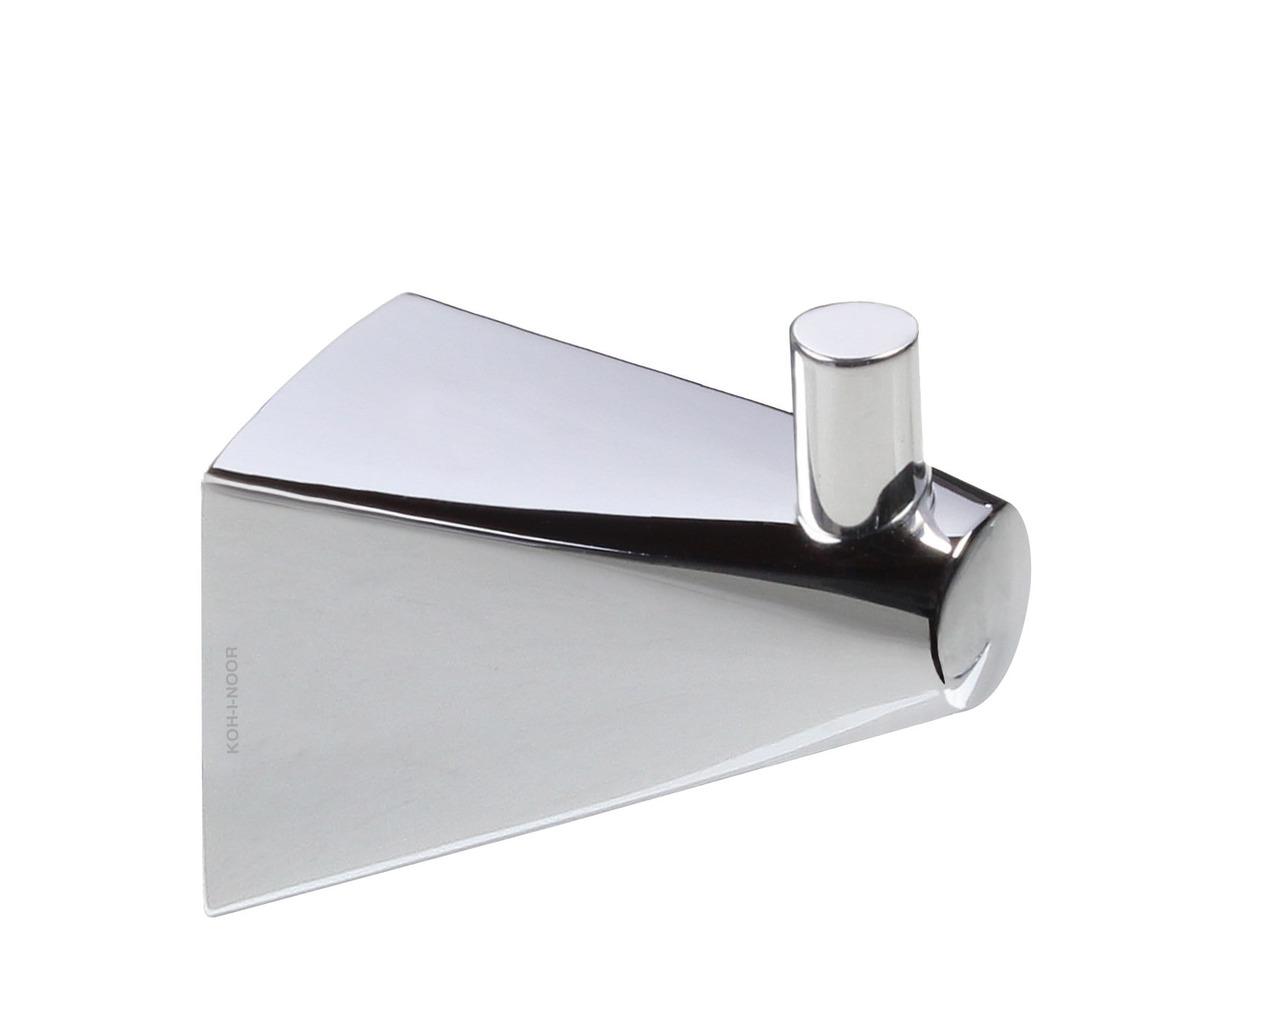 Geometrie pure per gli accessori area for Accessori per bagno design